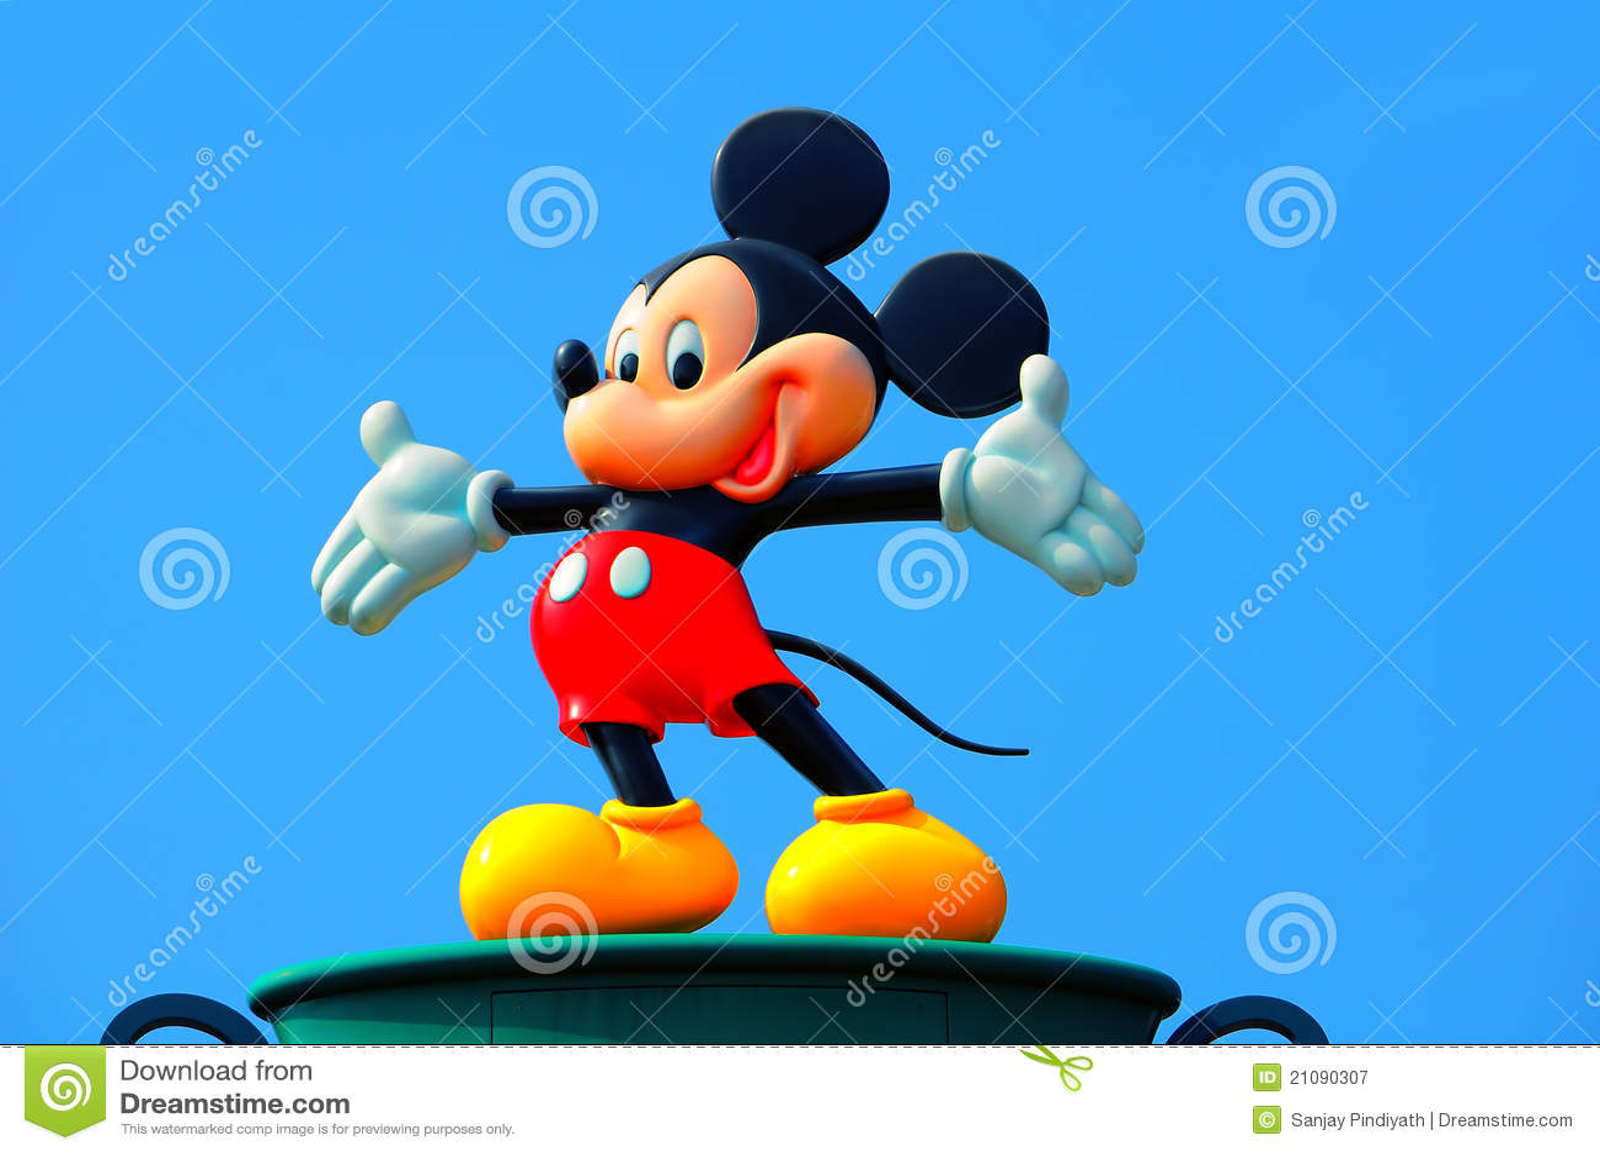 De muis van Mickey